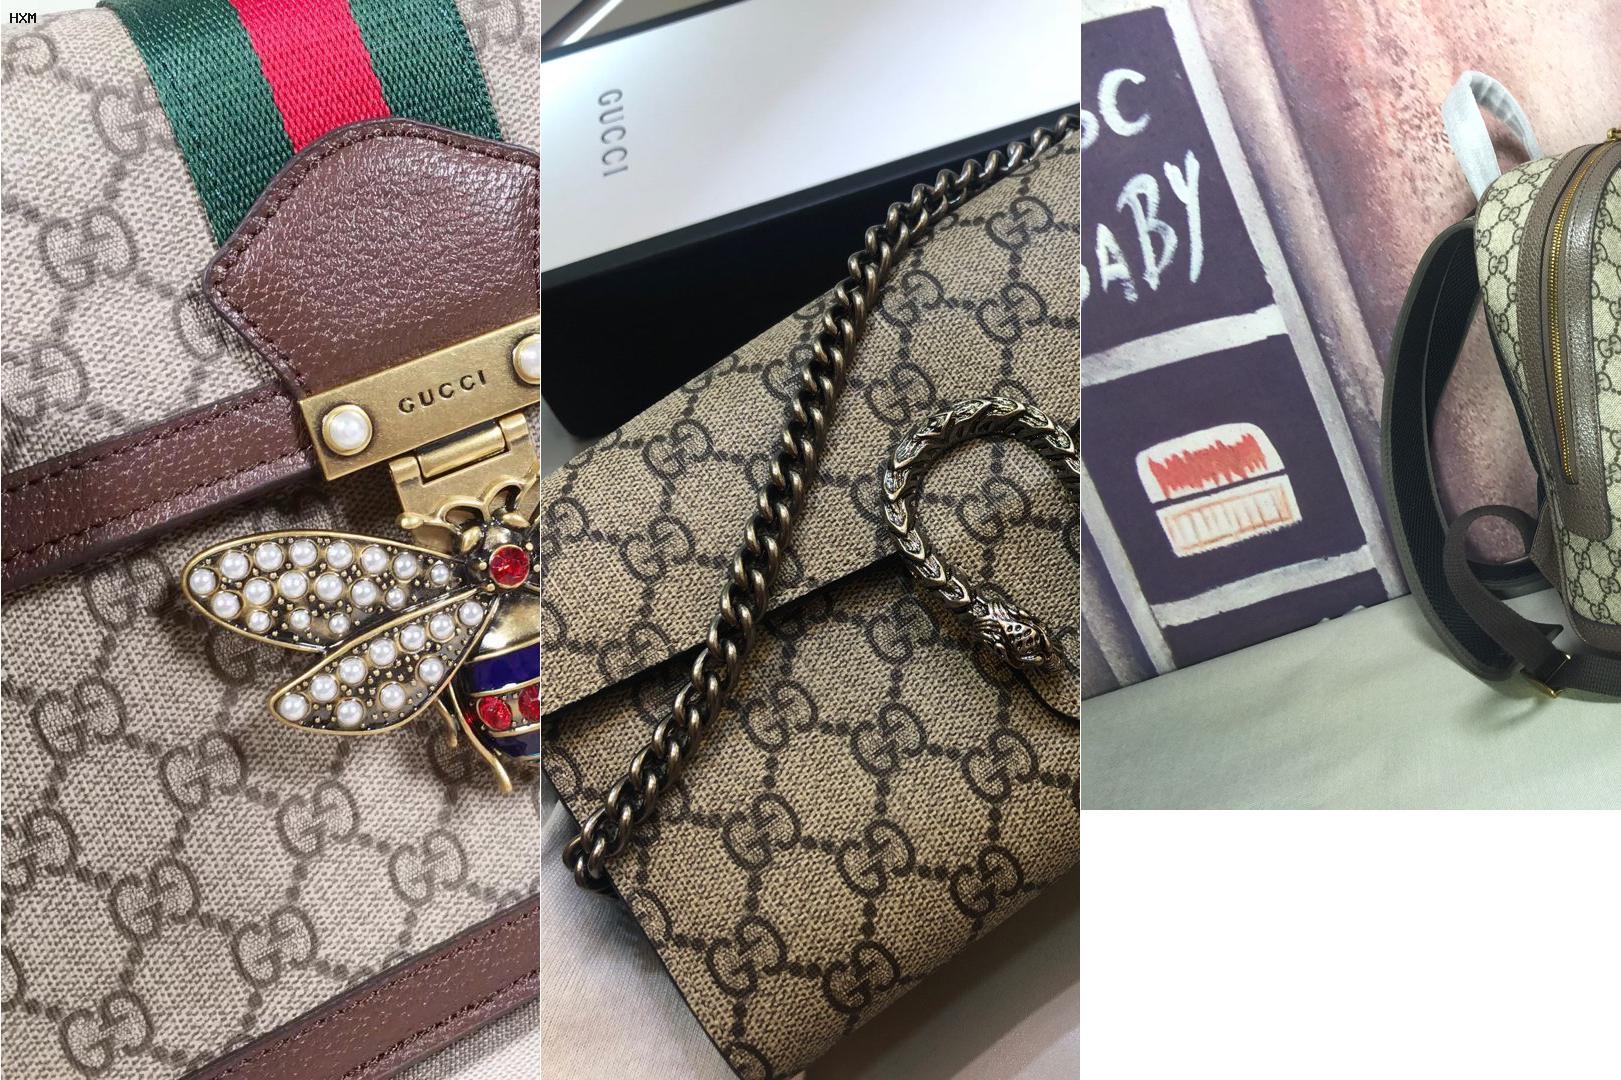 marque gg luxe sac